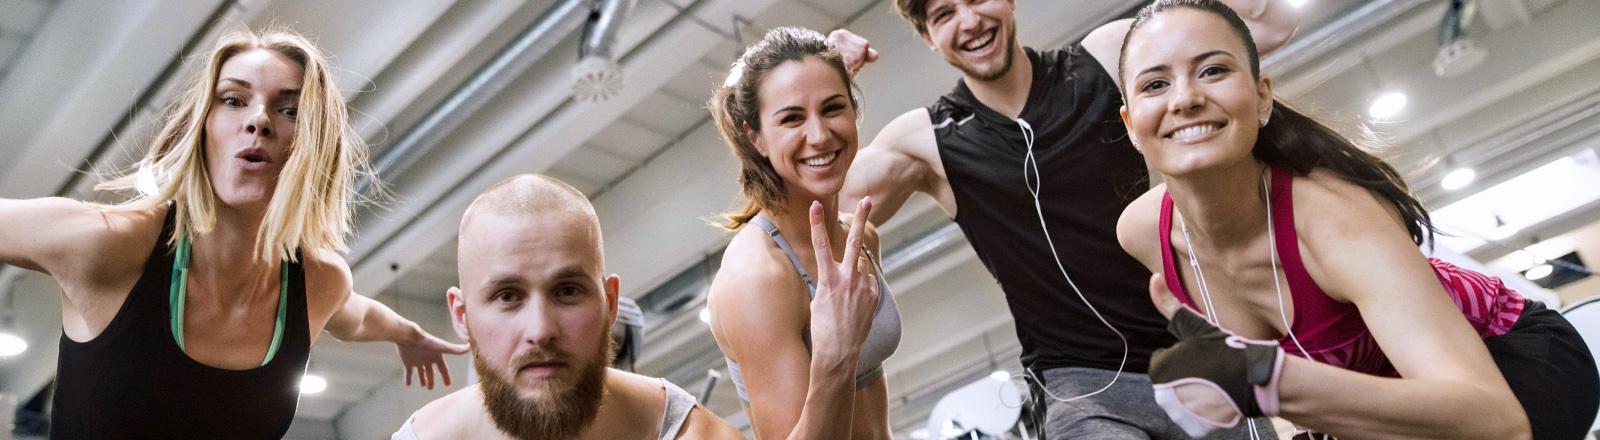 Motivierte Menschen im Fitnesstudio.